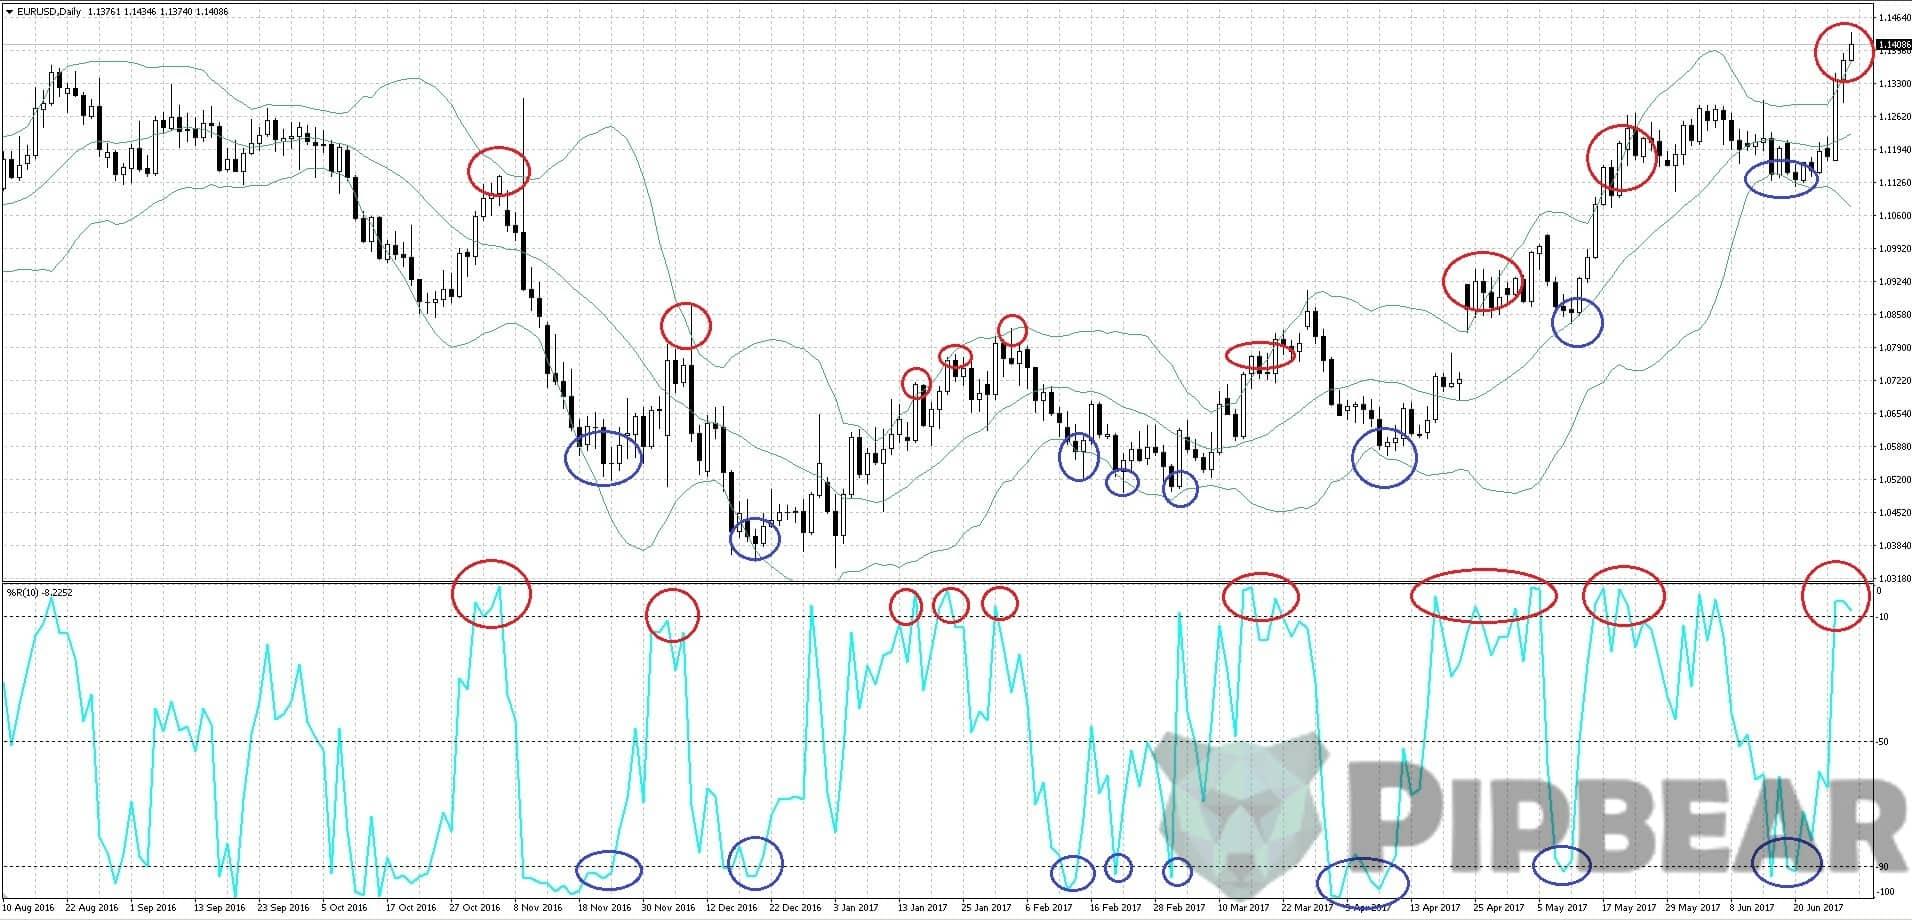 wpr indicator signals